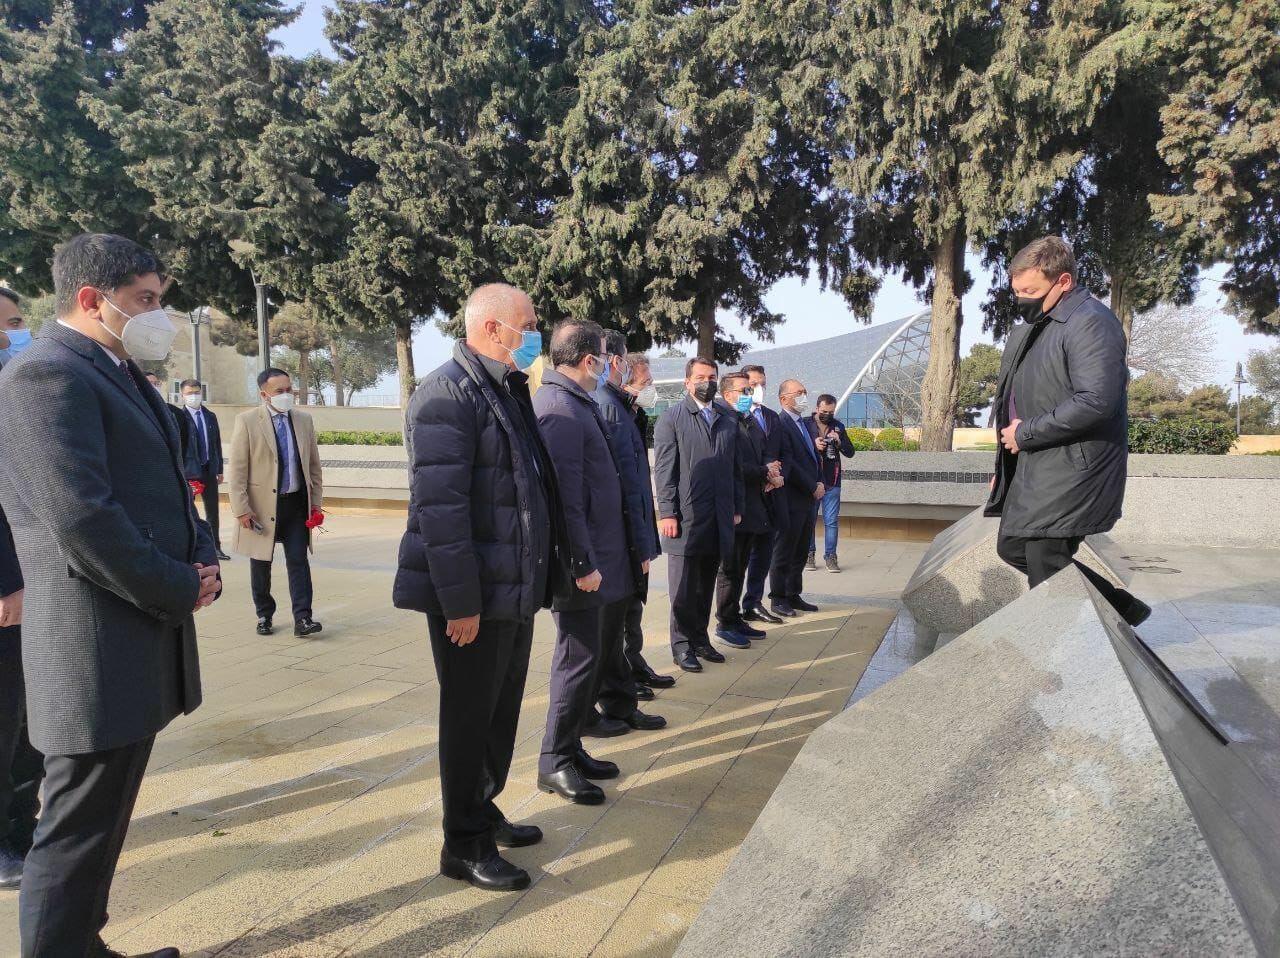 Ответственные по информации и медиа представители Тюркского совета посетили Аллею почетного захоронения и Аллею шехидов в Баку